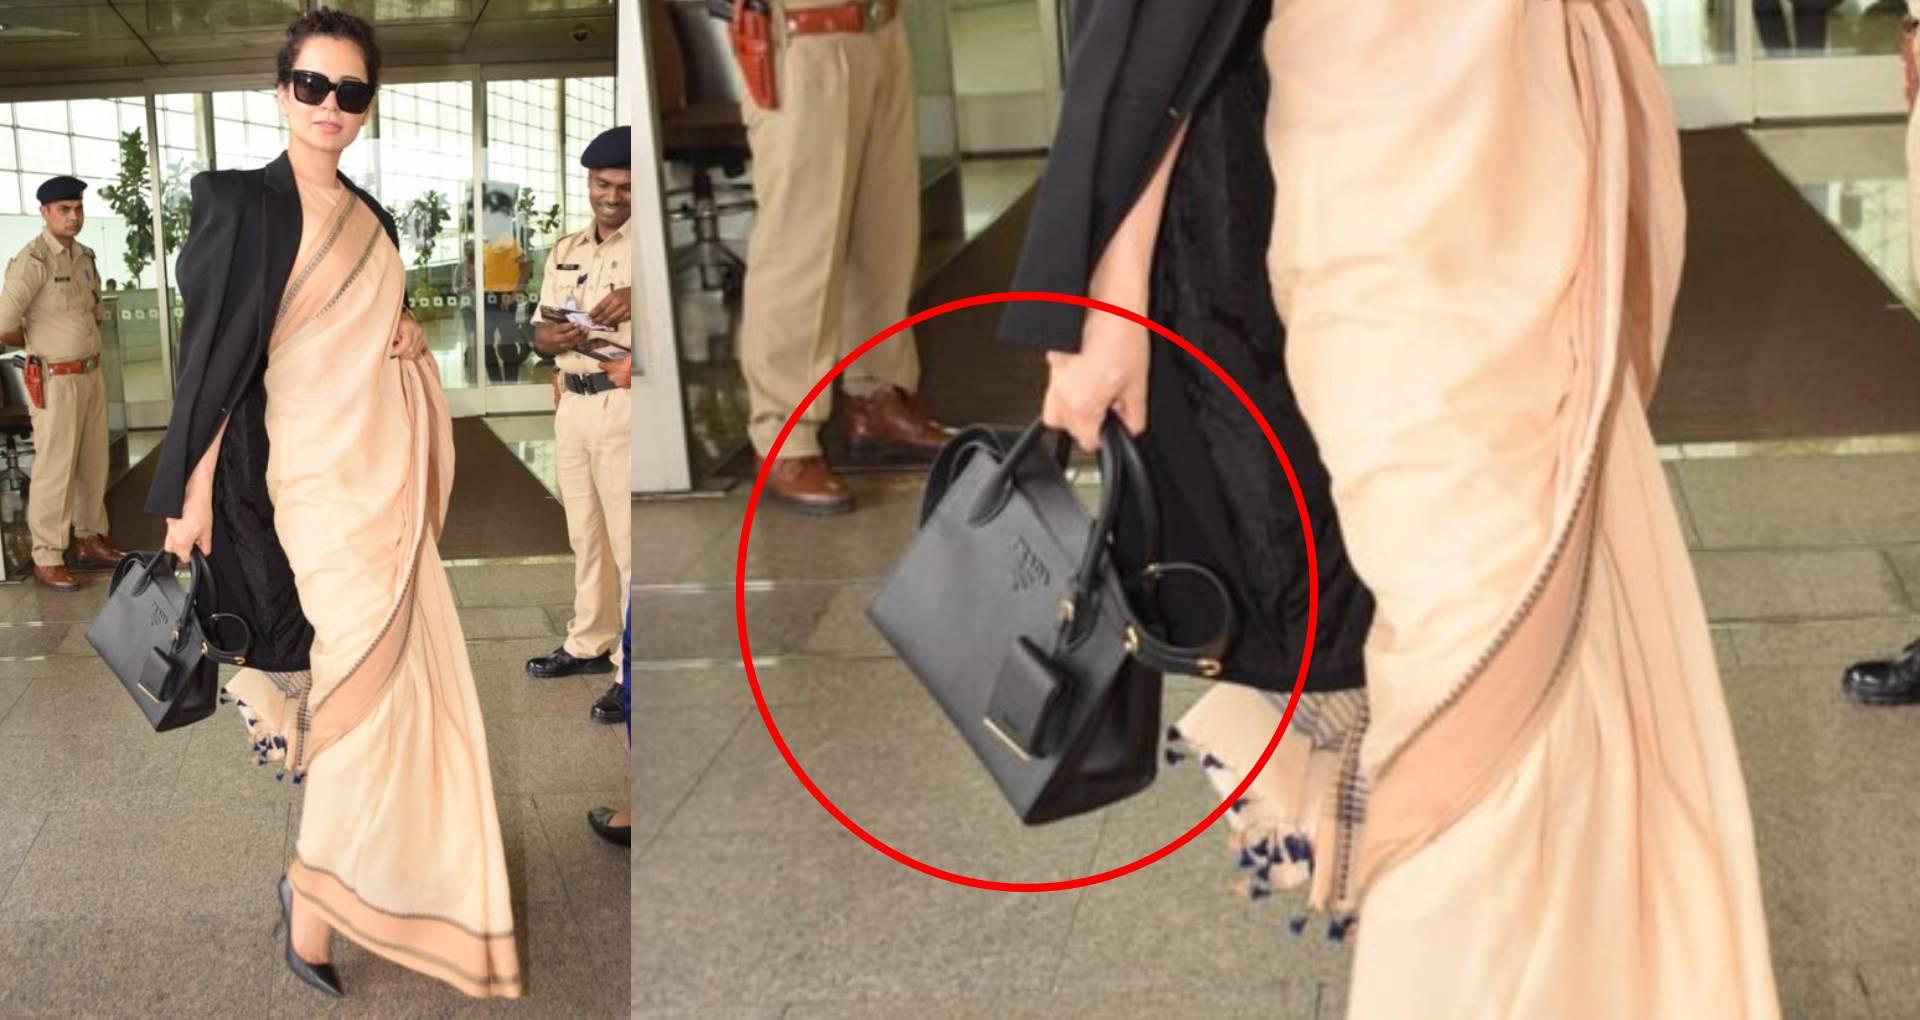 कंगना रनौत ने पहनी 600 रुपए की साड़ी, लेकिन इस वजह से हो गईं ट्रोल, लोगों ने पूछी उनके हैंडबैग-सनग्लास की कीमत